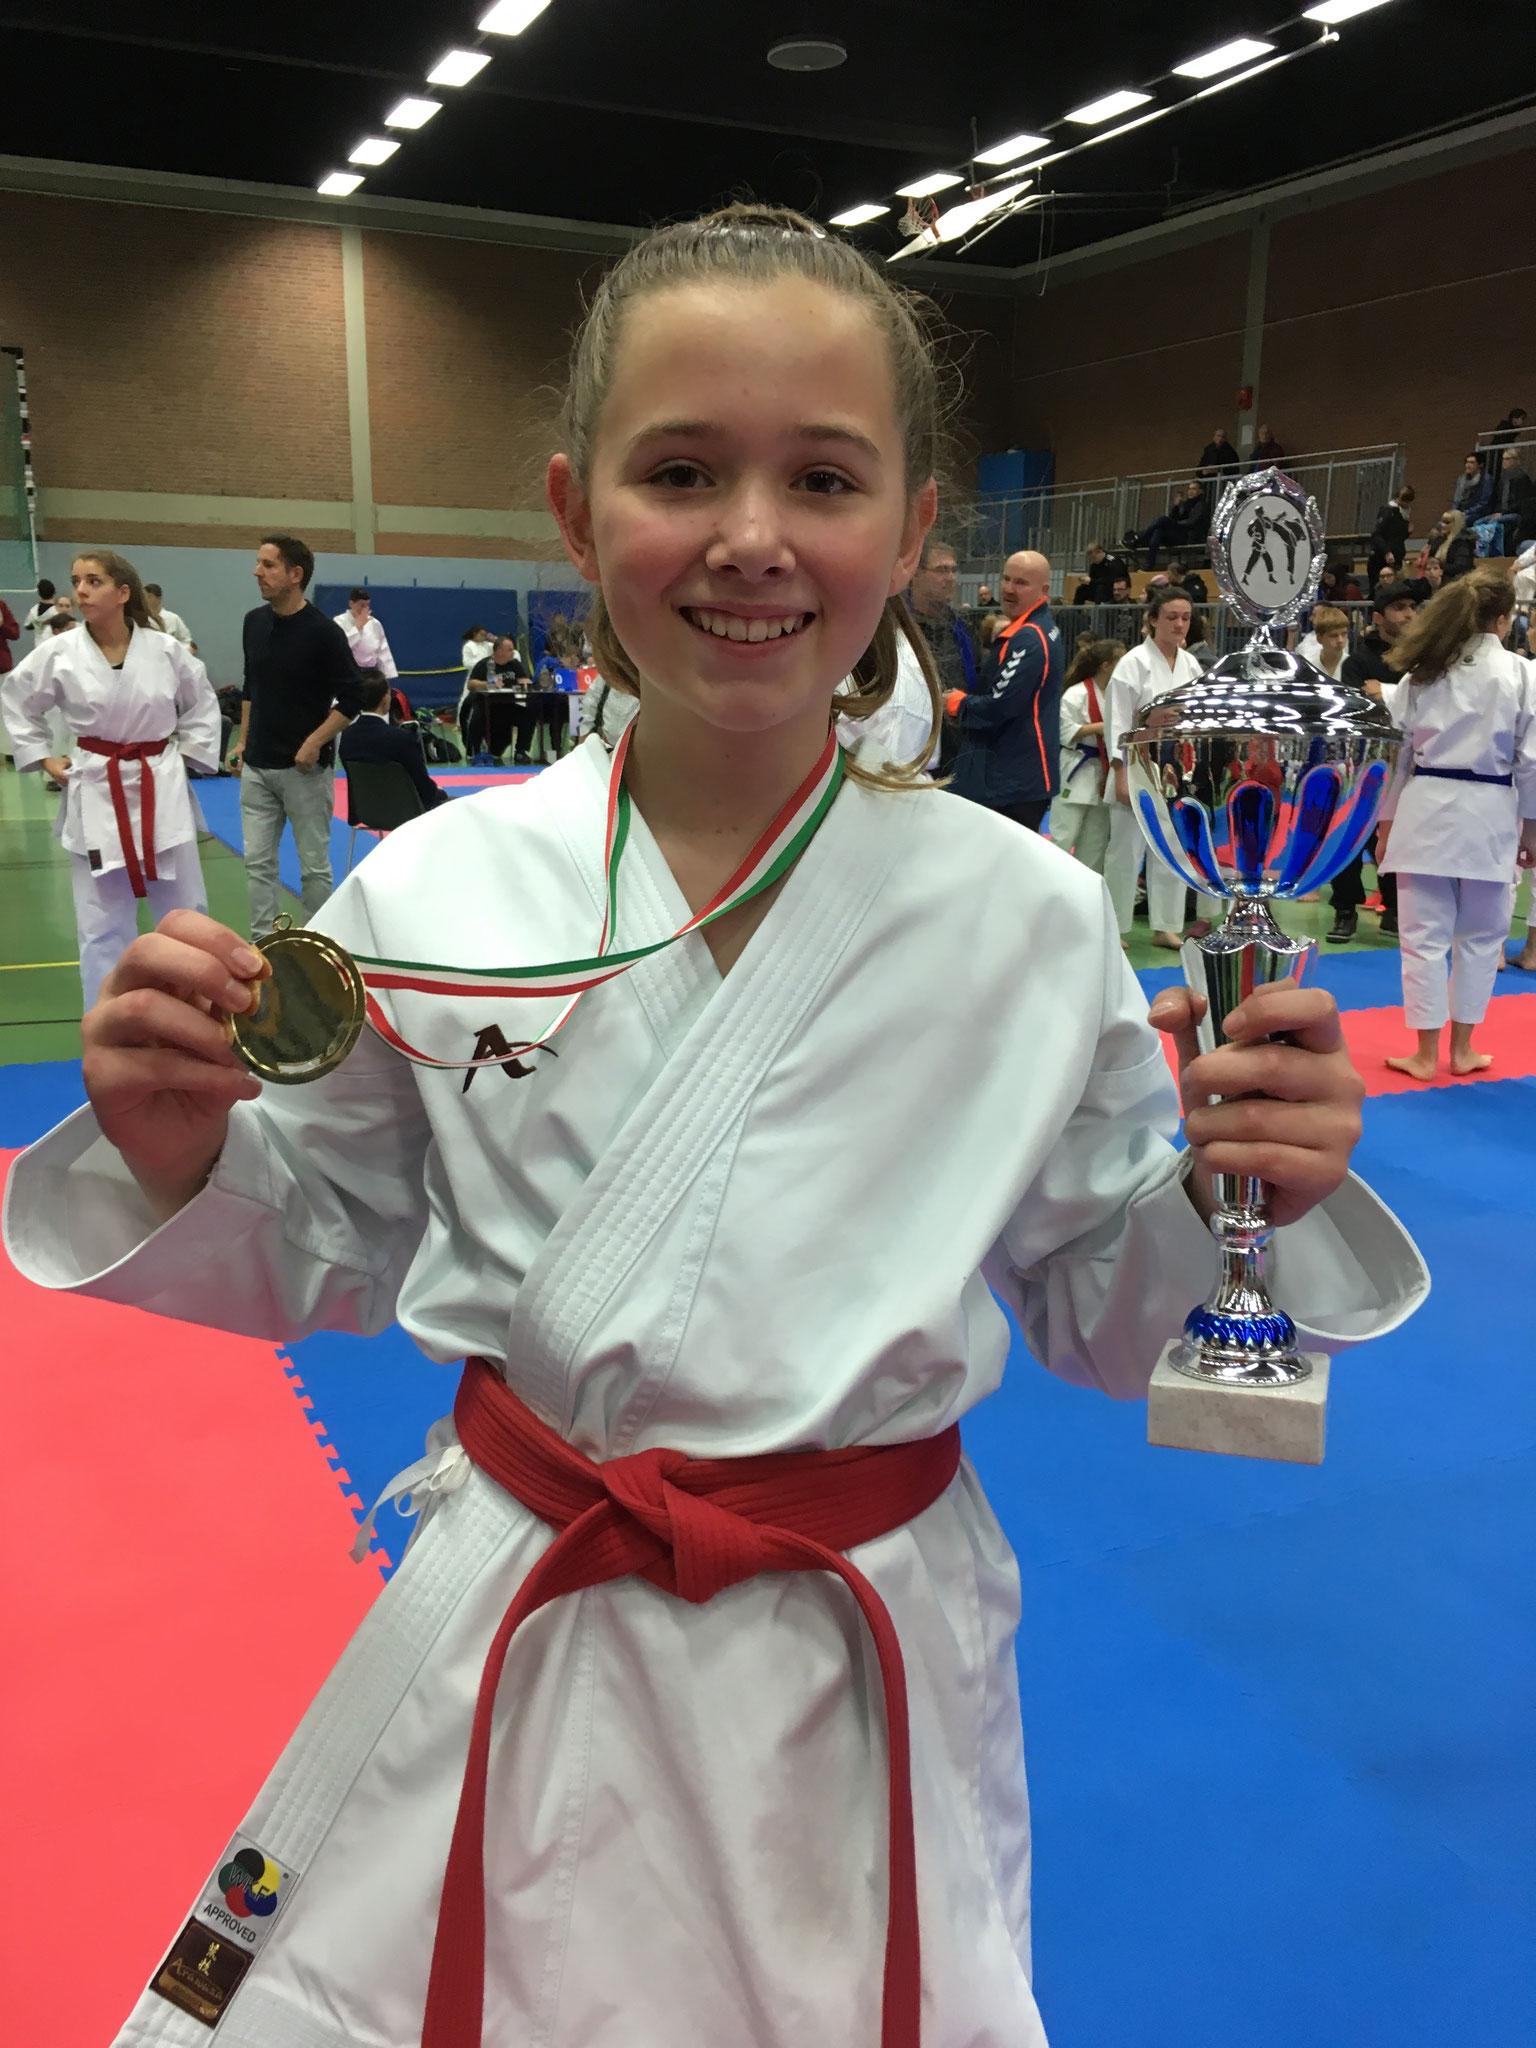 Gold für Louisa Jahn – Glückwunsch!